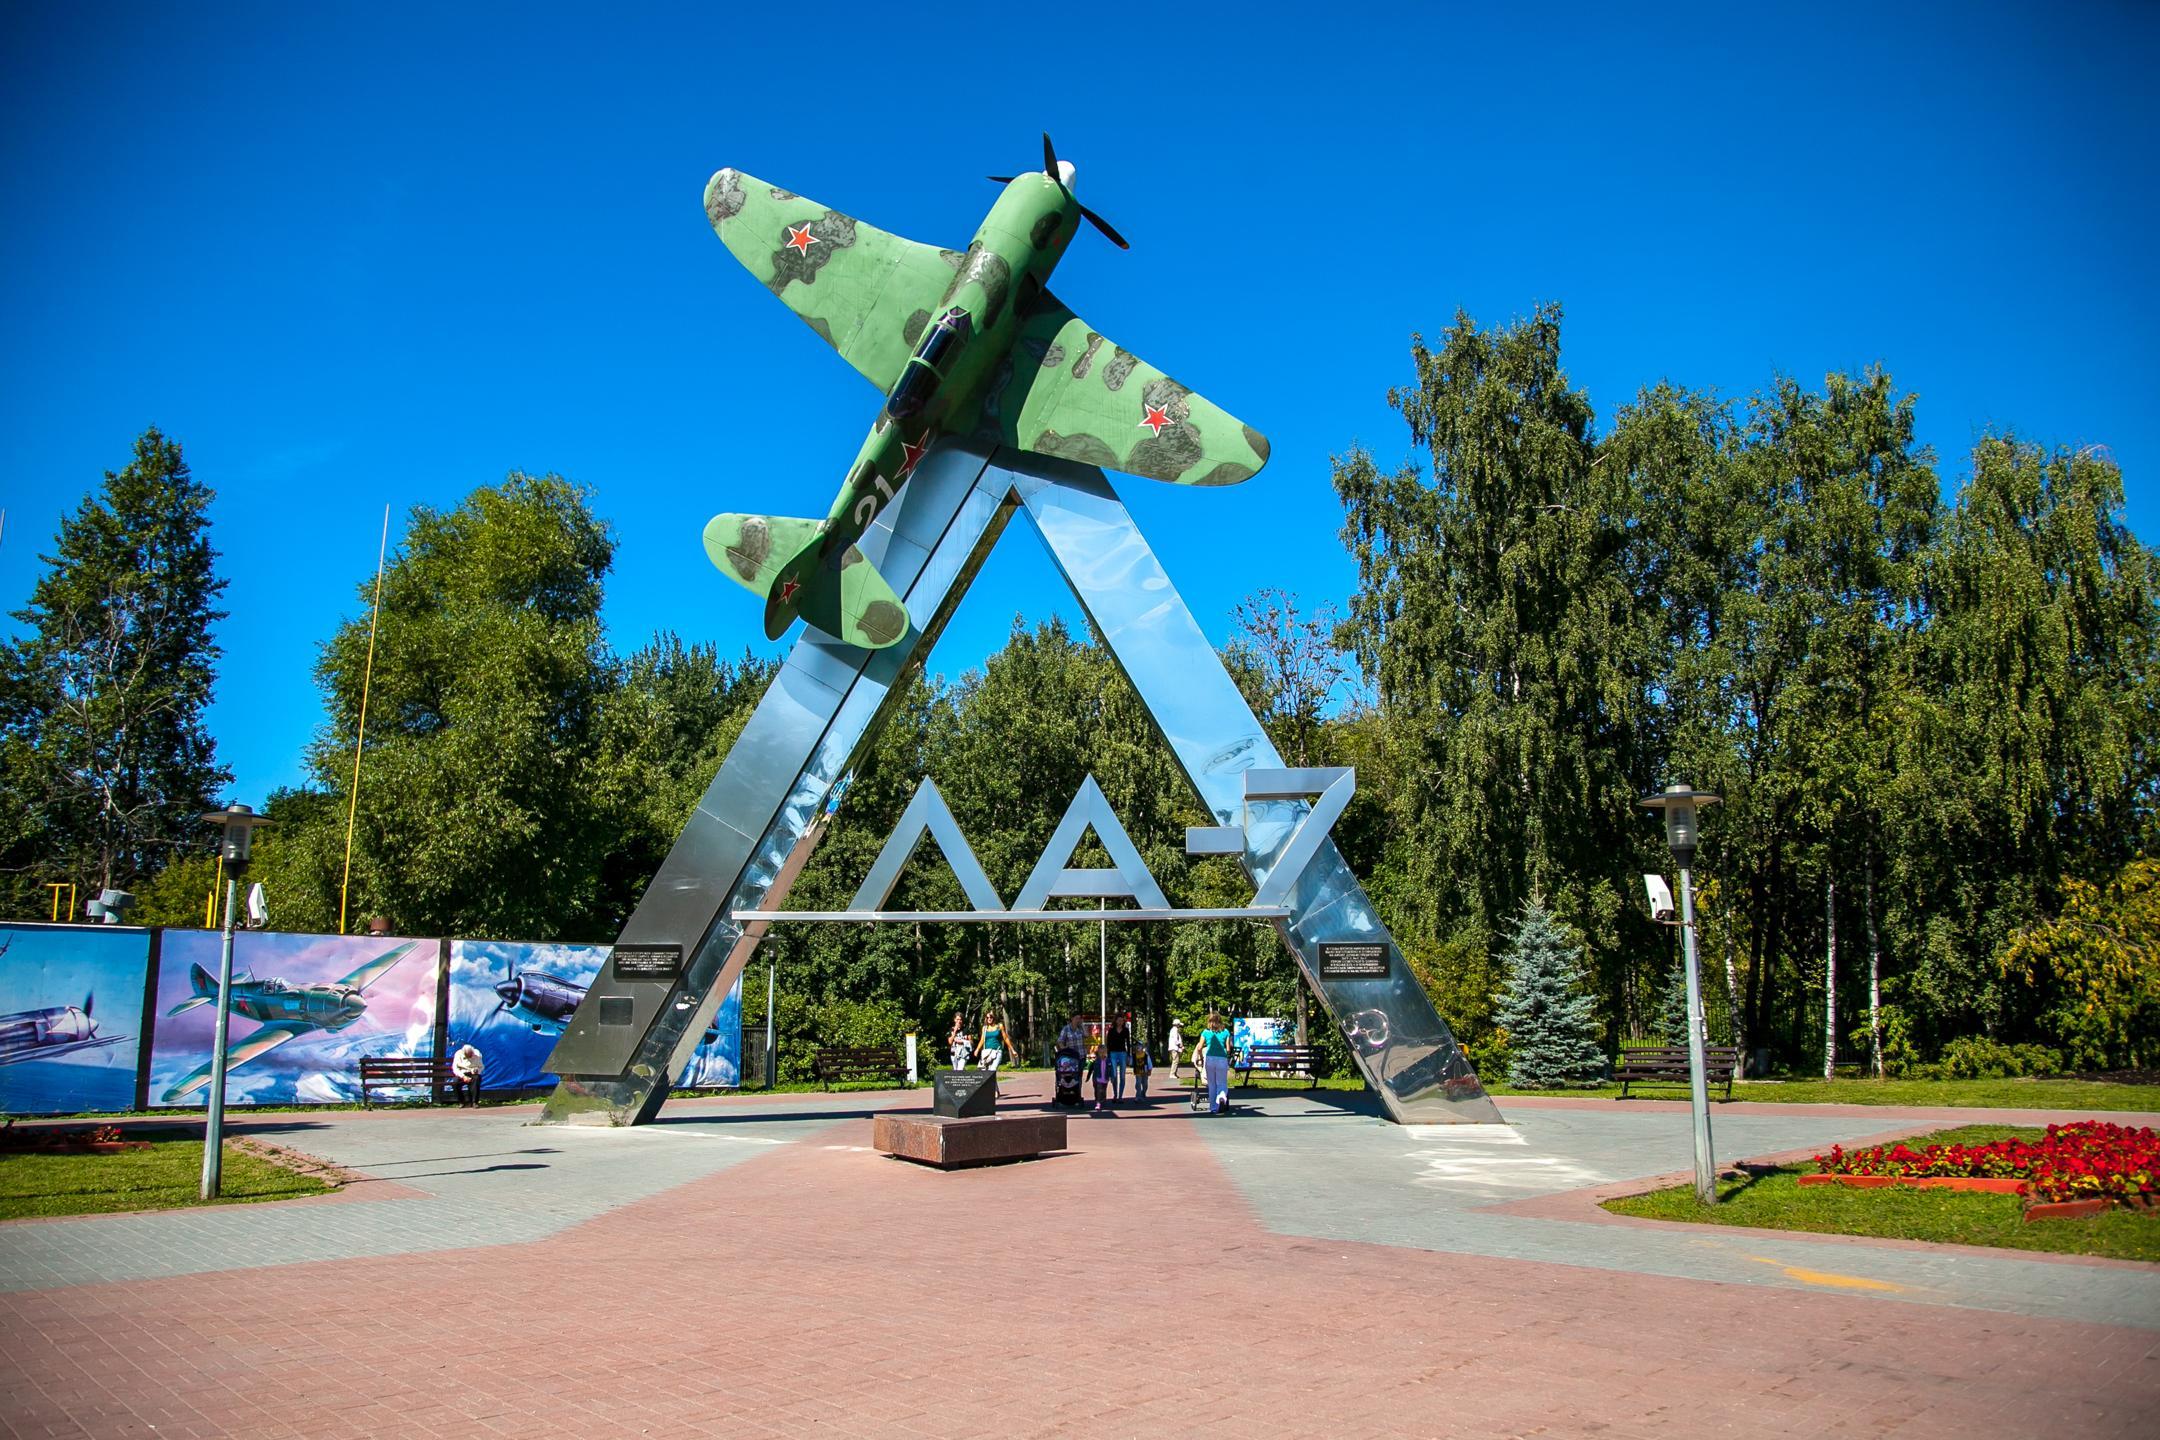 Модель самолета ЛА-7 в парке «Дубки»